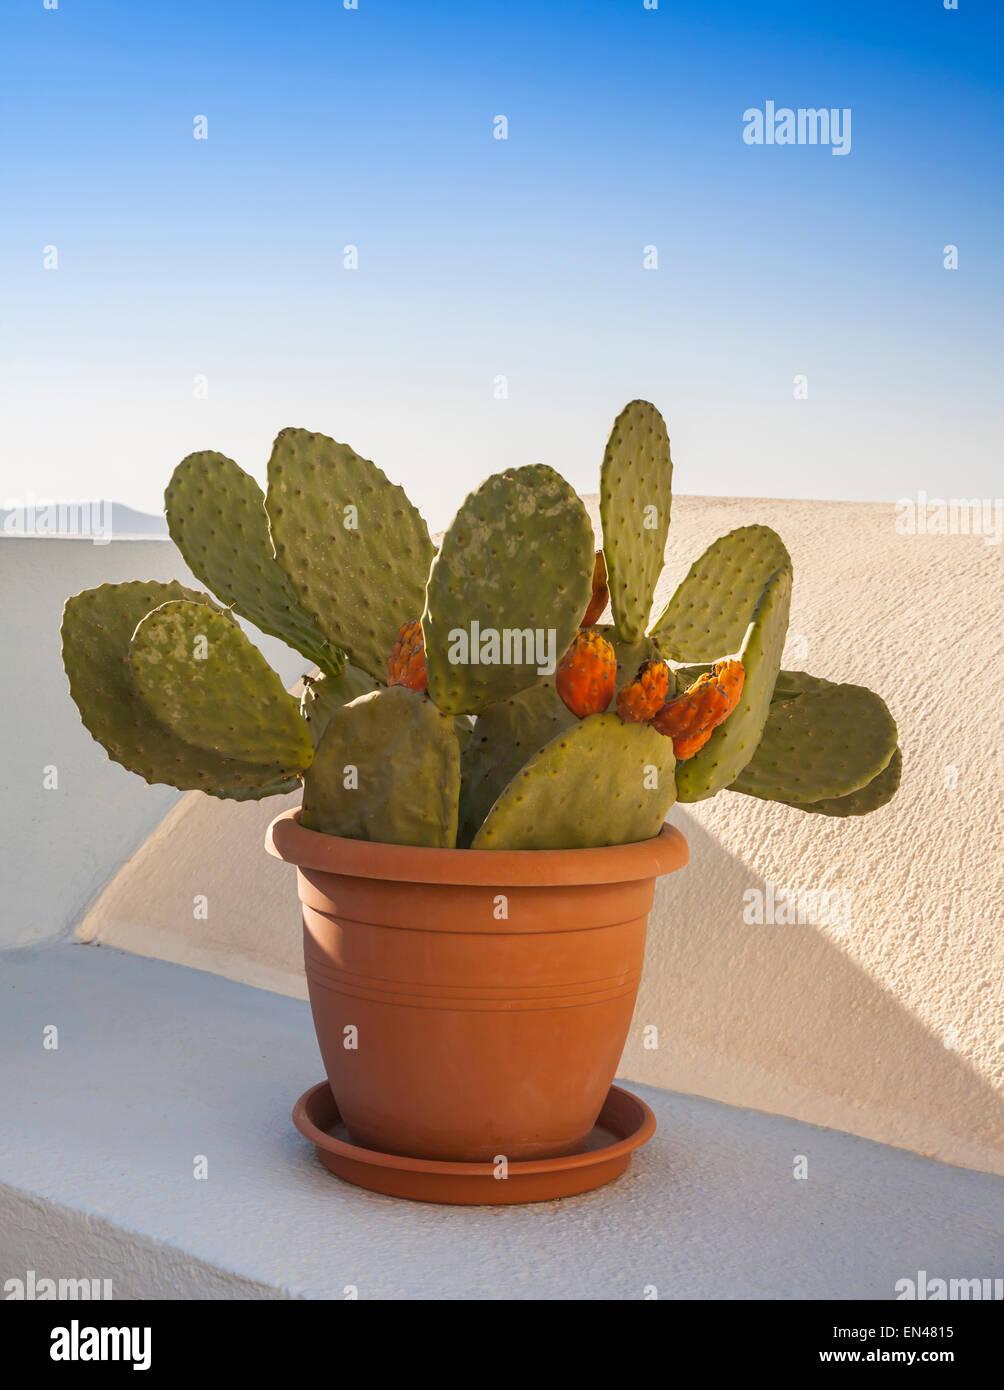 Cactus en maceta pequeña en un recipiente de terracota en una cornisa. Imagen De Stock